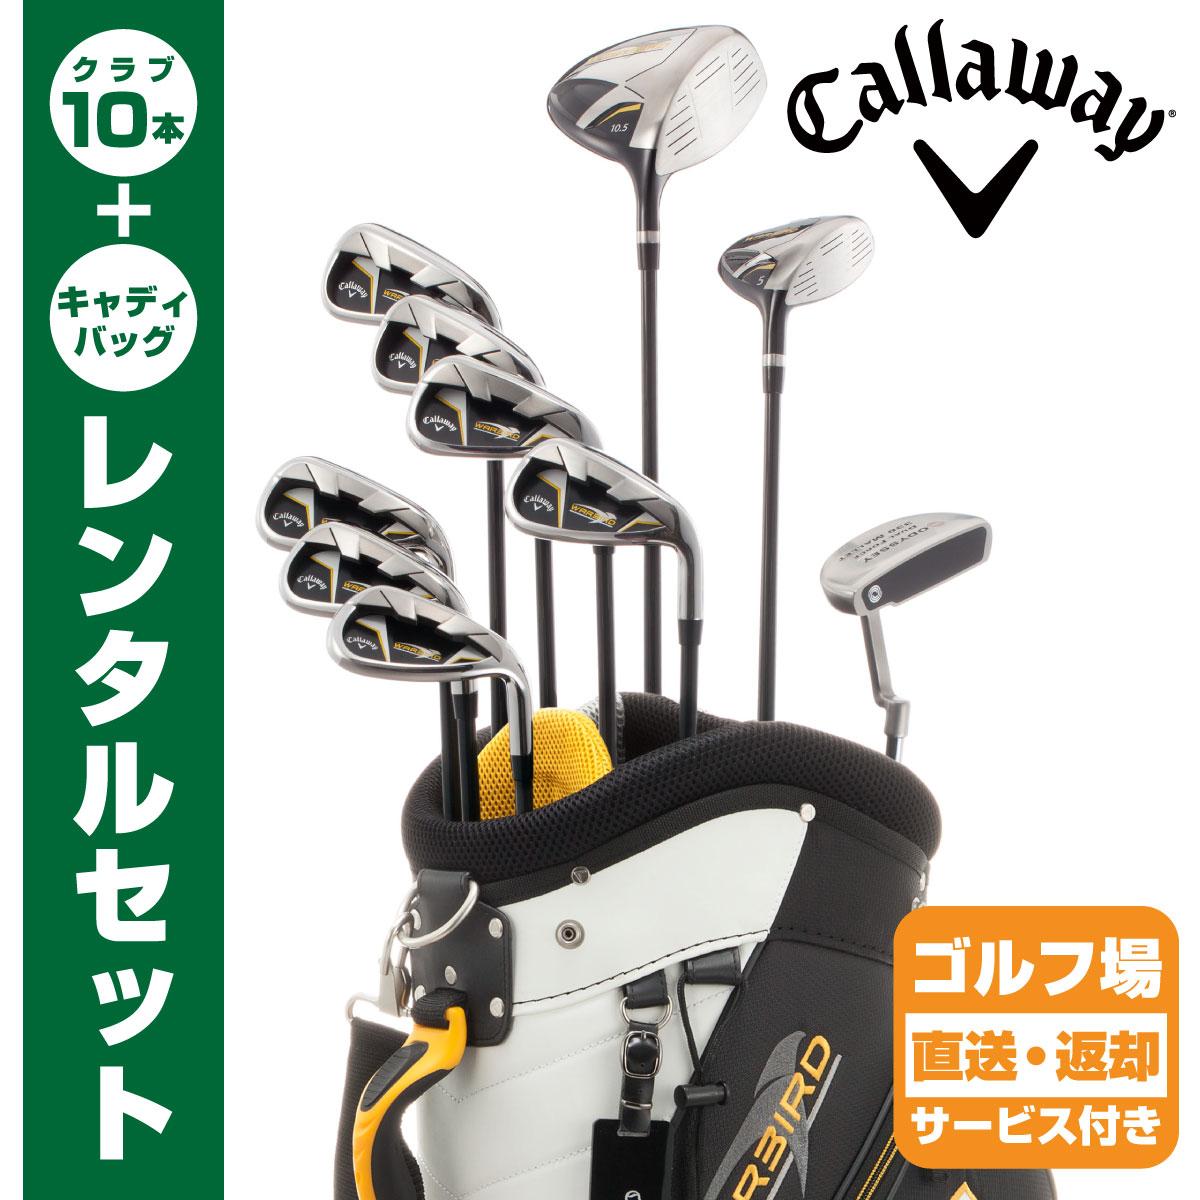 【レンタル】【ゴルフセット】キャロウェイ WARBIRD 2016キャディーバッグ+クラブ10本セット【ゴルフ場直送・返却OK】【メンズ】